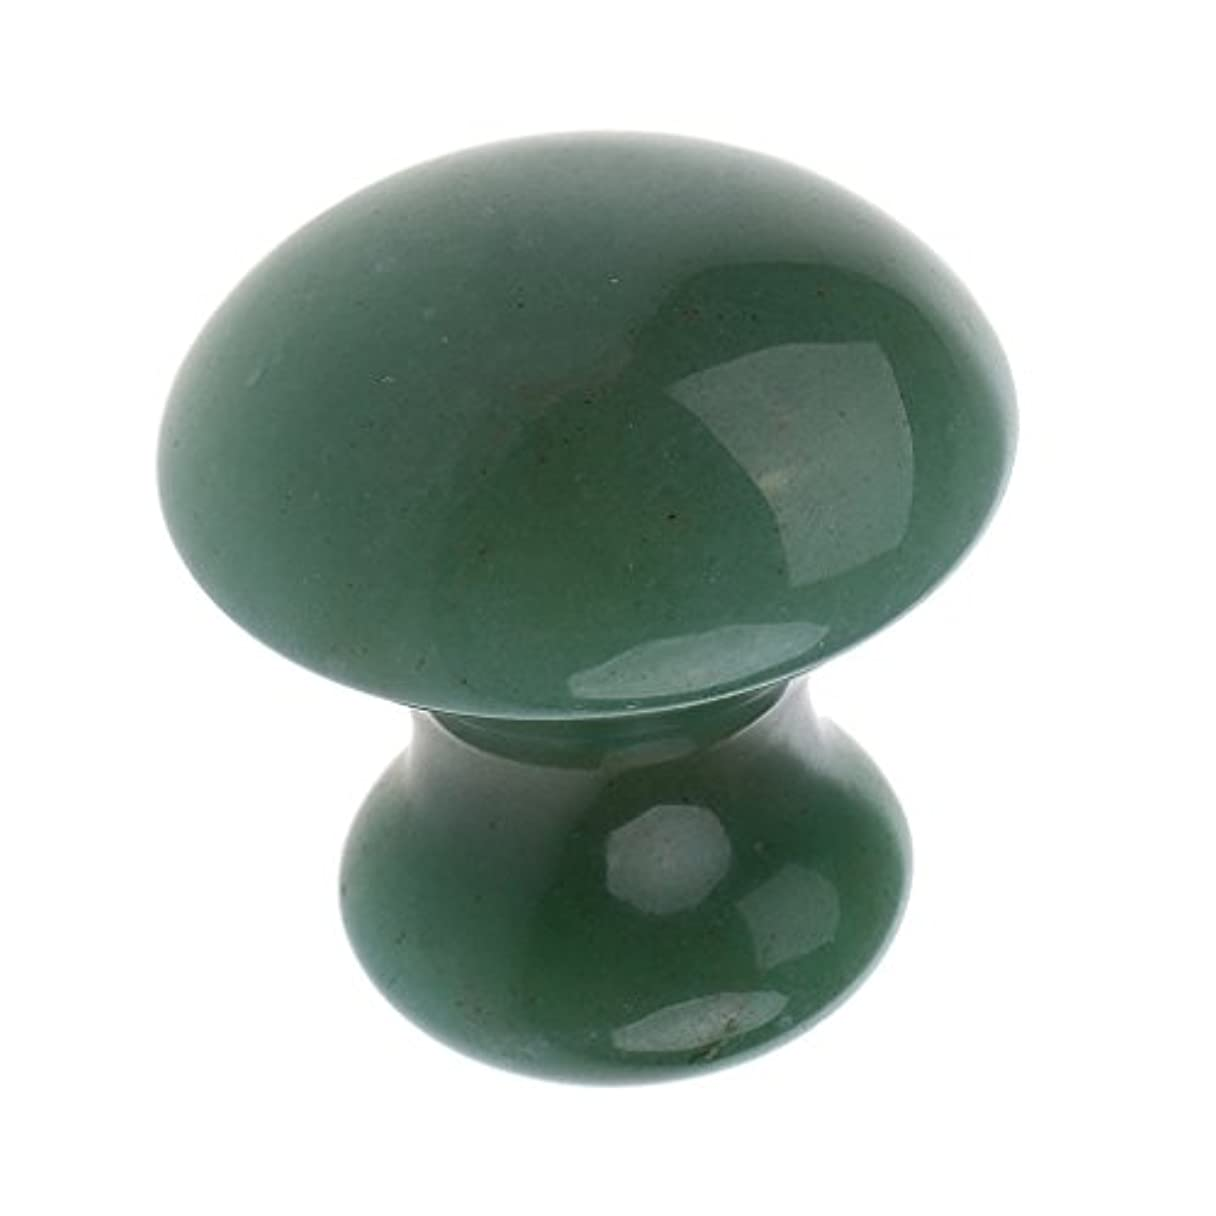 滑る記念品カリングマッサージストーン マッシュルーム スパ SPA ストーン スキンケア リラックス 2色選べる - 緑